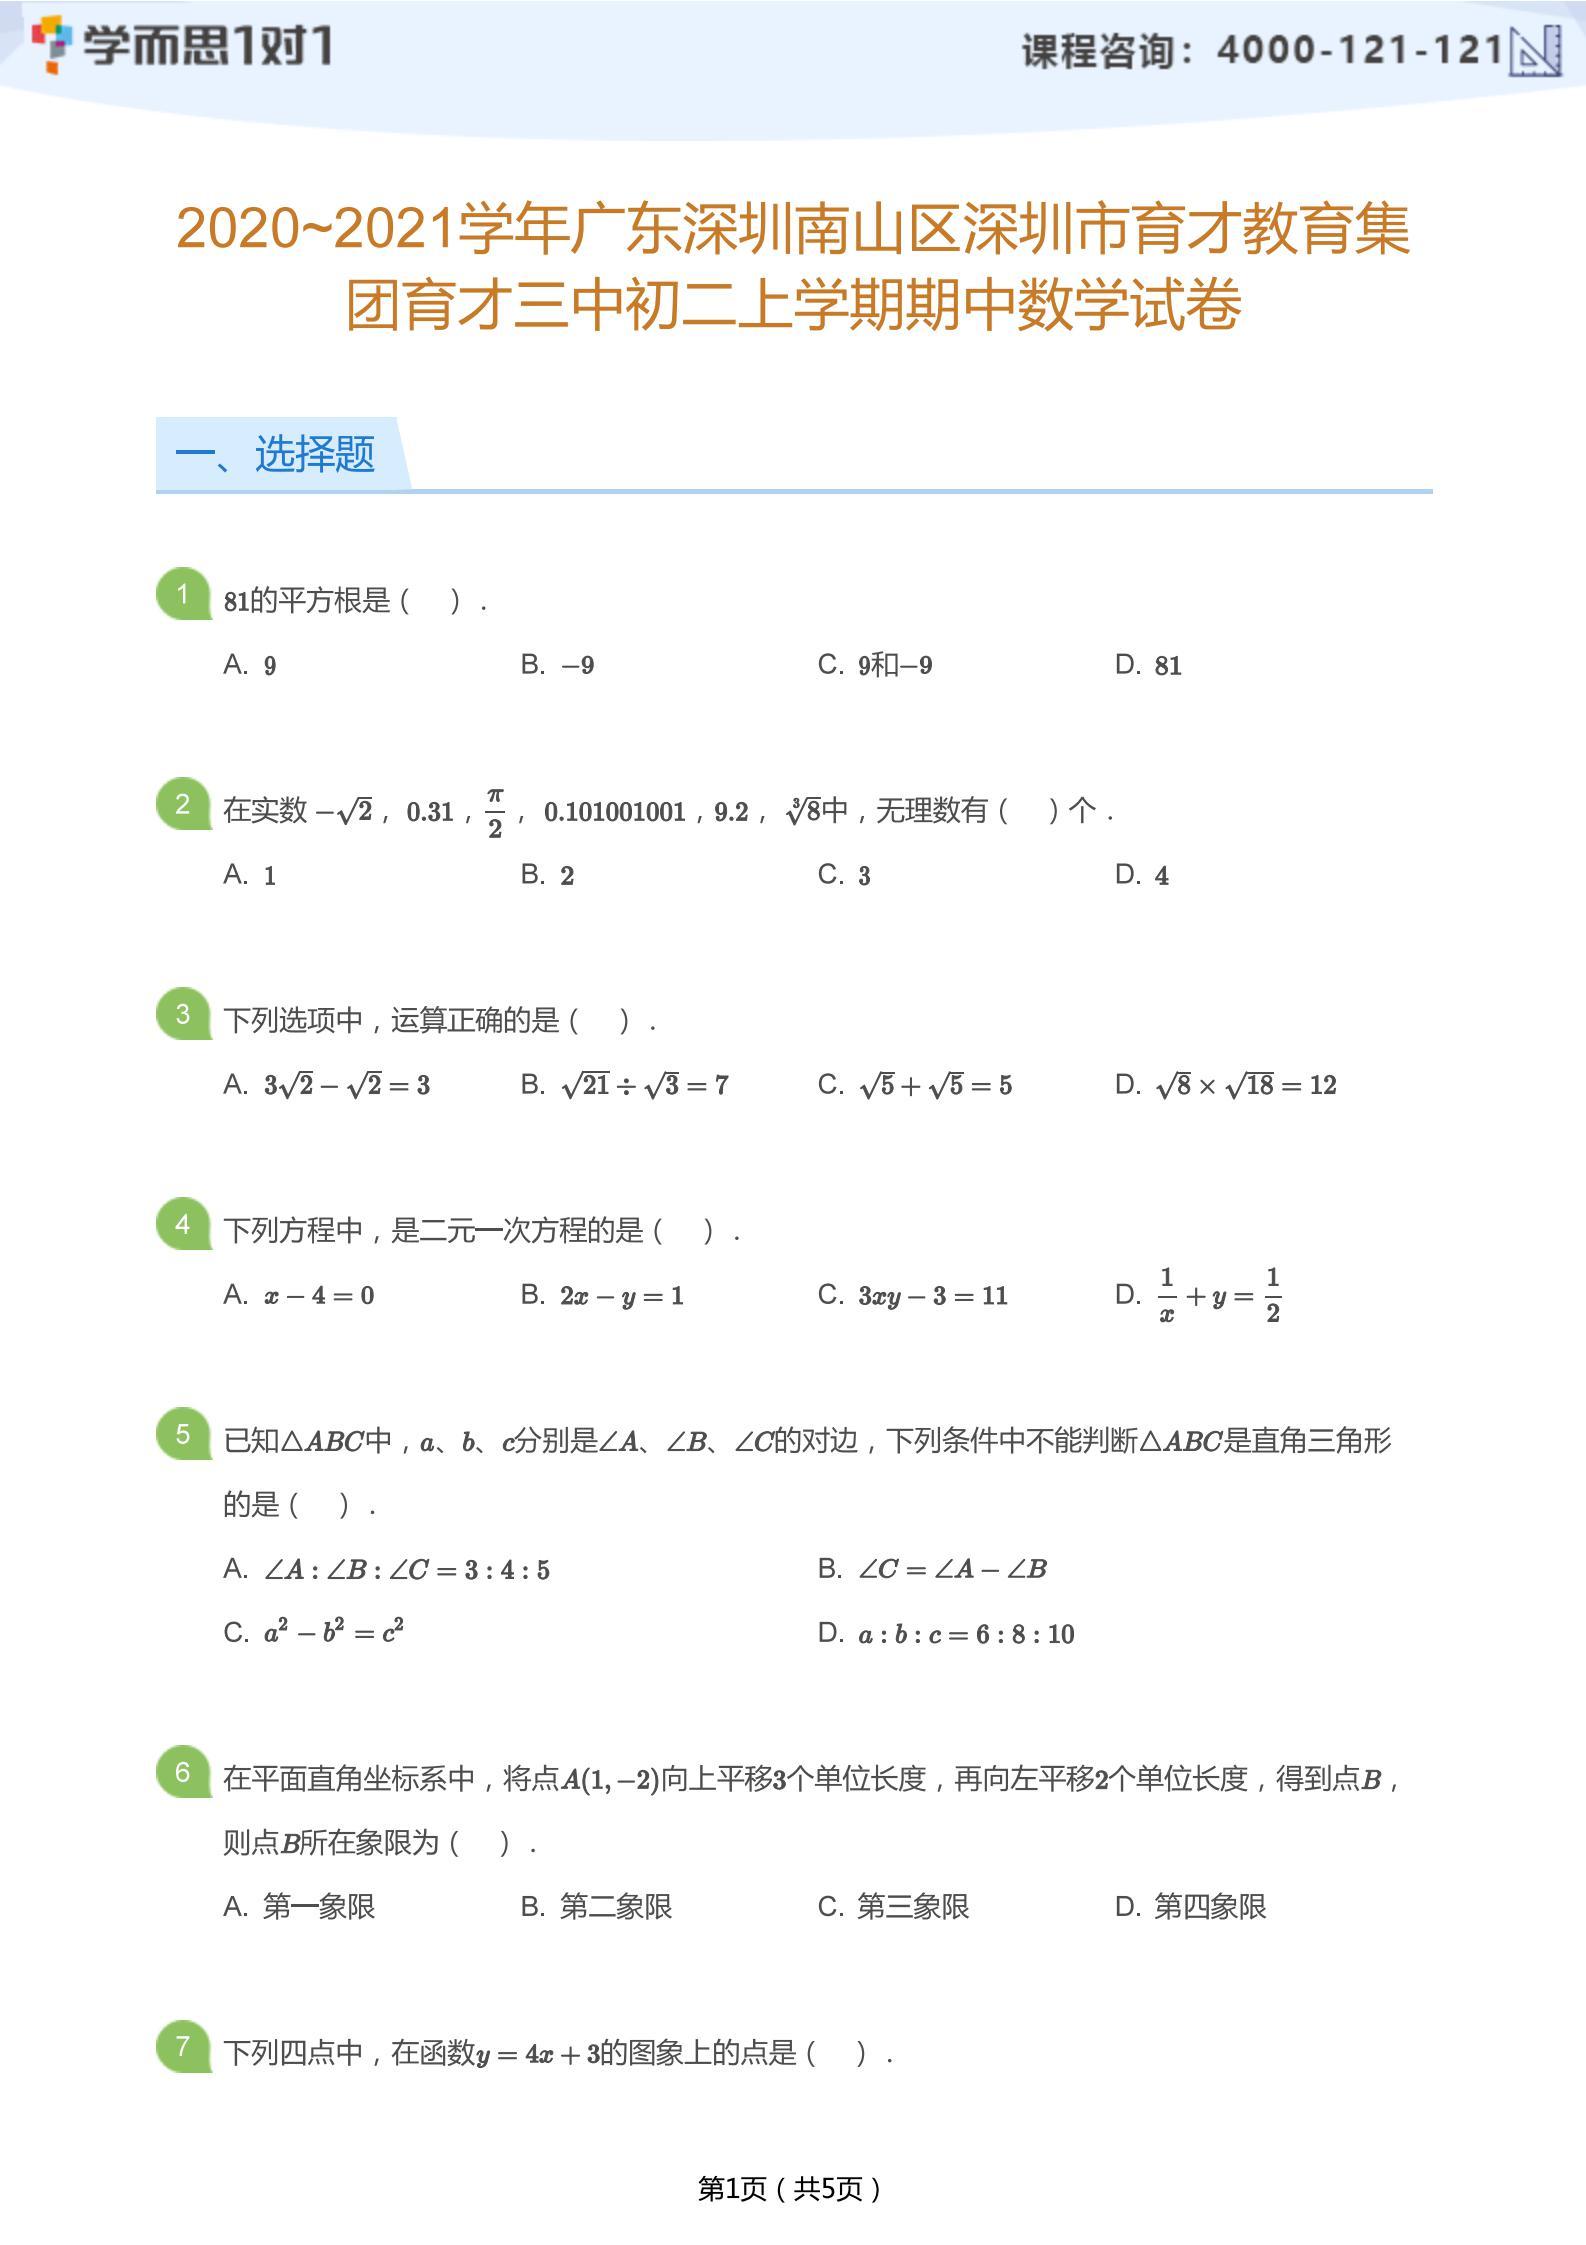 2020-2021学年深圳育才三中初三上学期期中数学试题及答案